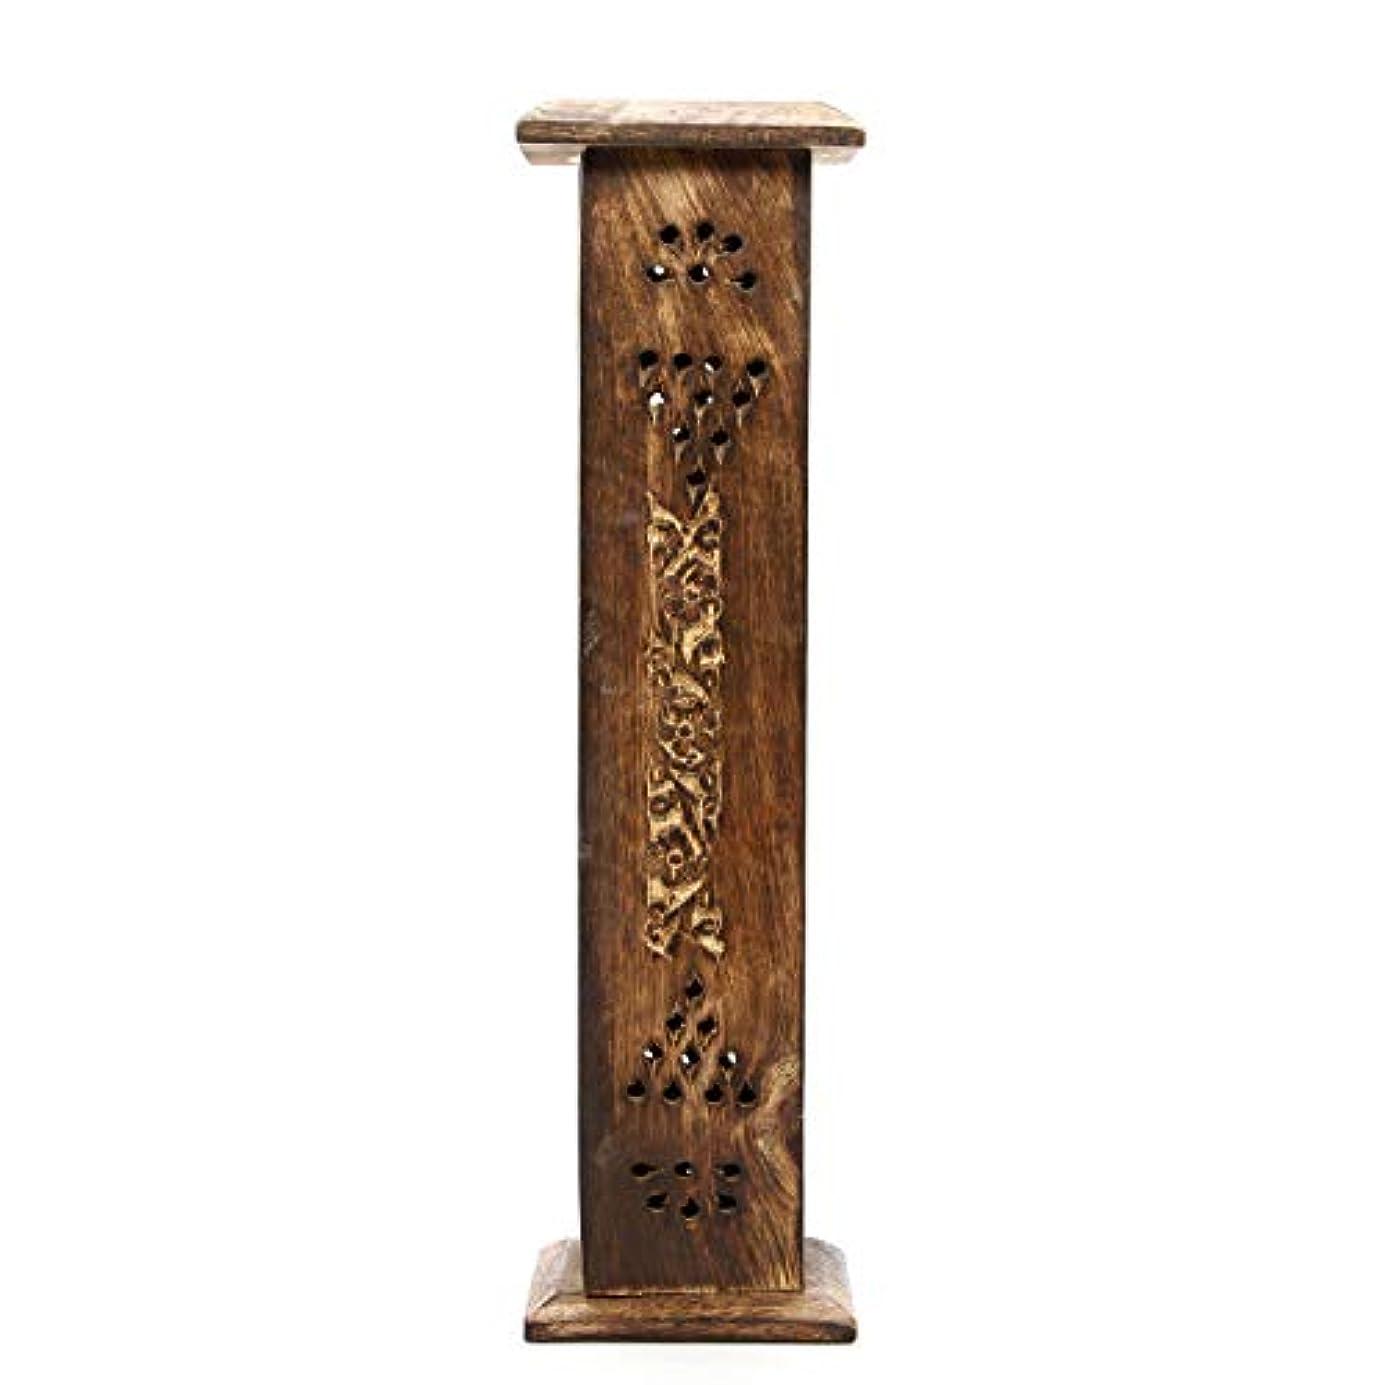 天国曖昧な発明Hosley's Wood Incense Tower with 20 Incense Sticks - 30cm High. Ideal Gift for Aromatherapy, Zen, Spa, Vastu,...